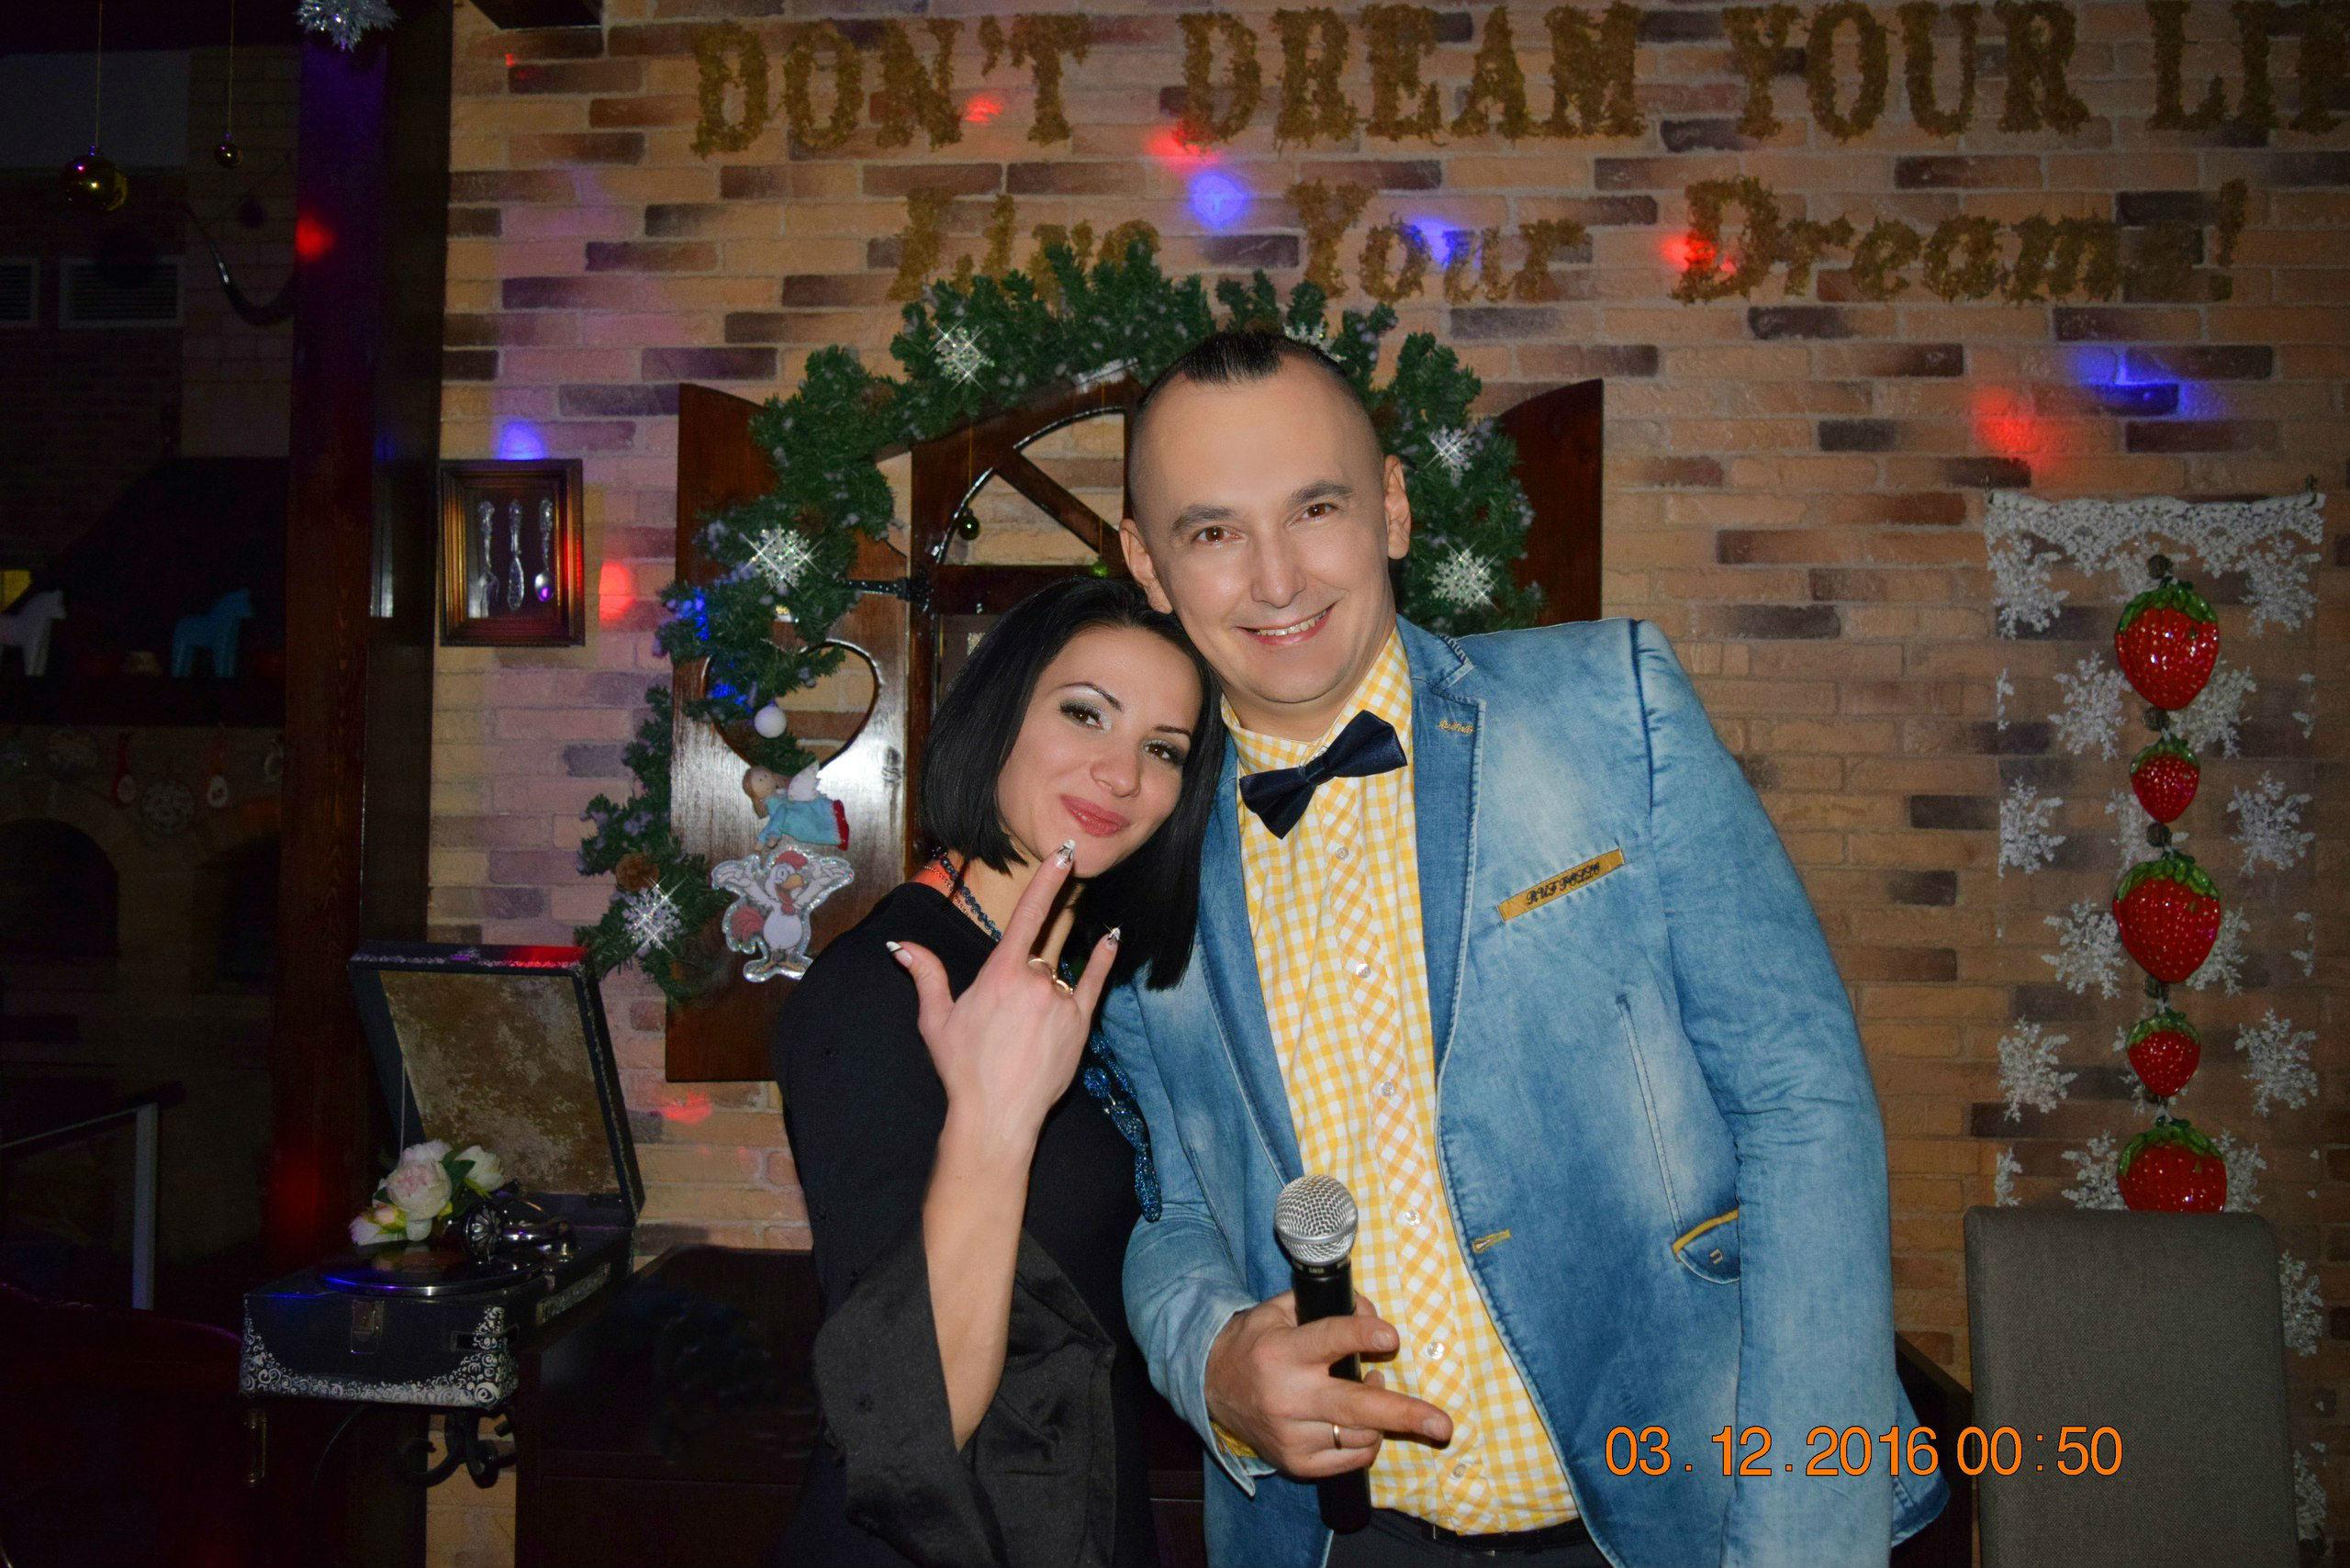 2 декабря 2016 г. Волгоград. ресторан Лакомка. Проведение торжества в честь дня рождения Натальи.  Пусть все Ваши мечты сбываются! Будьте счастливы!